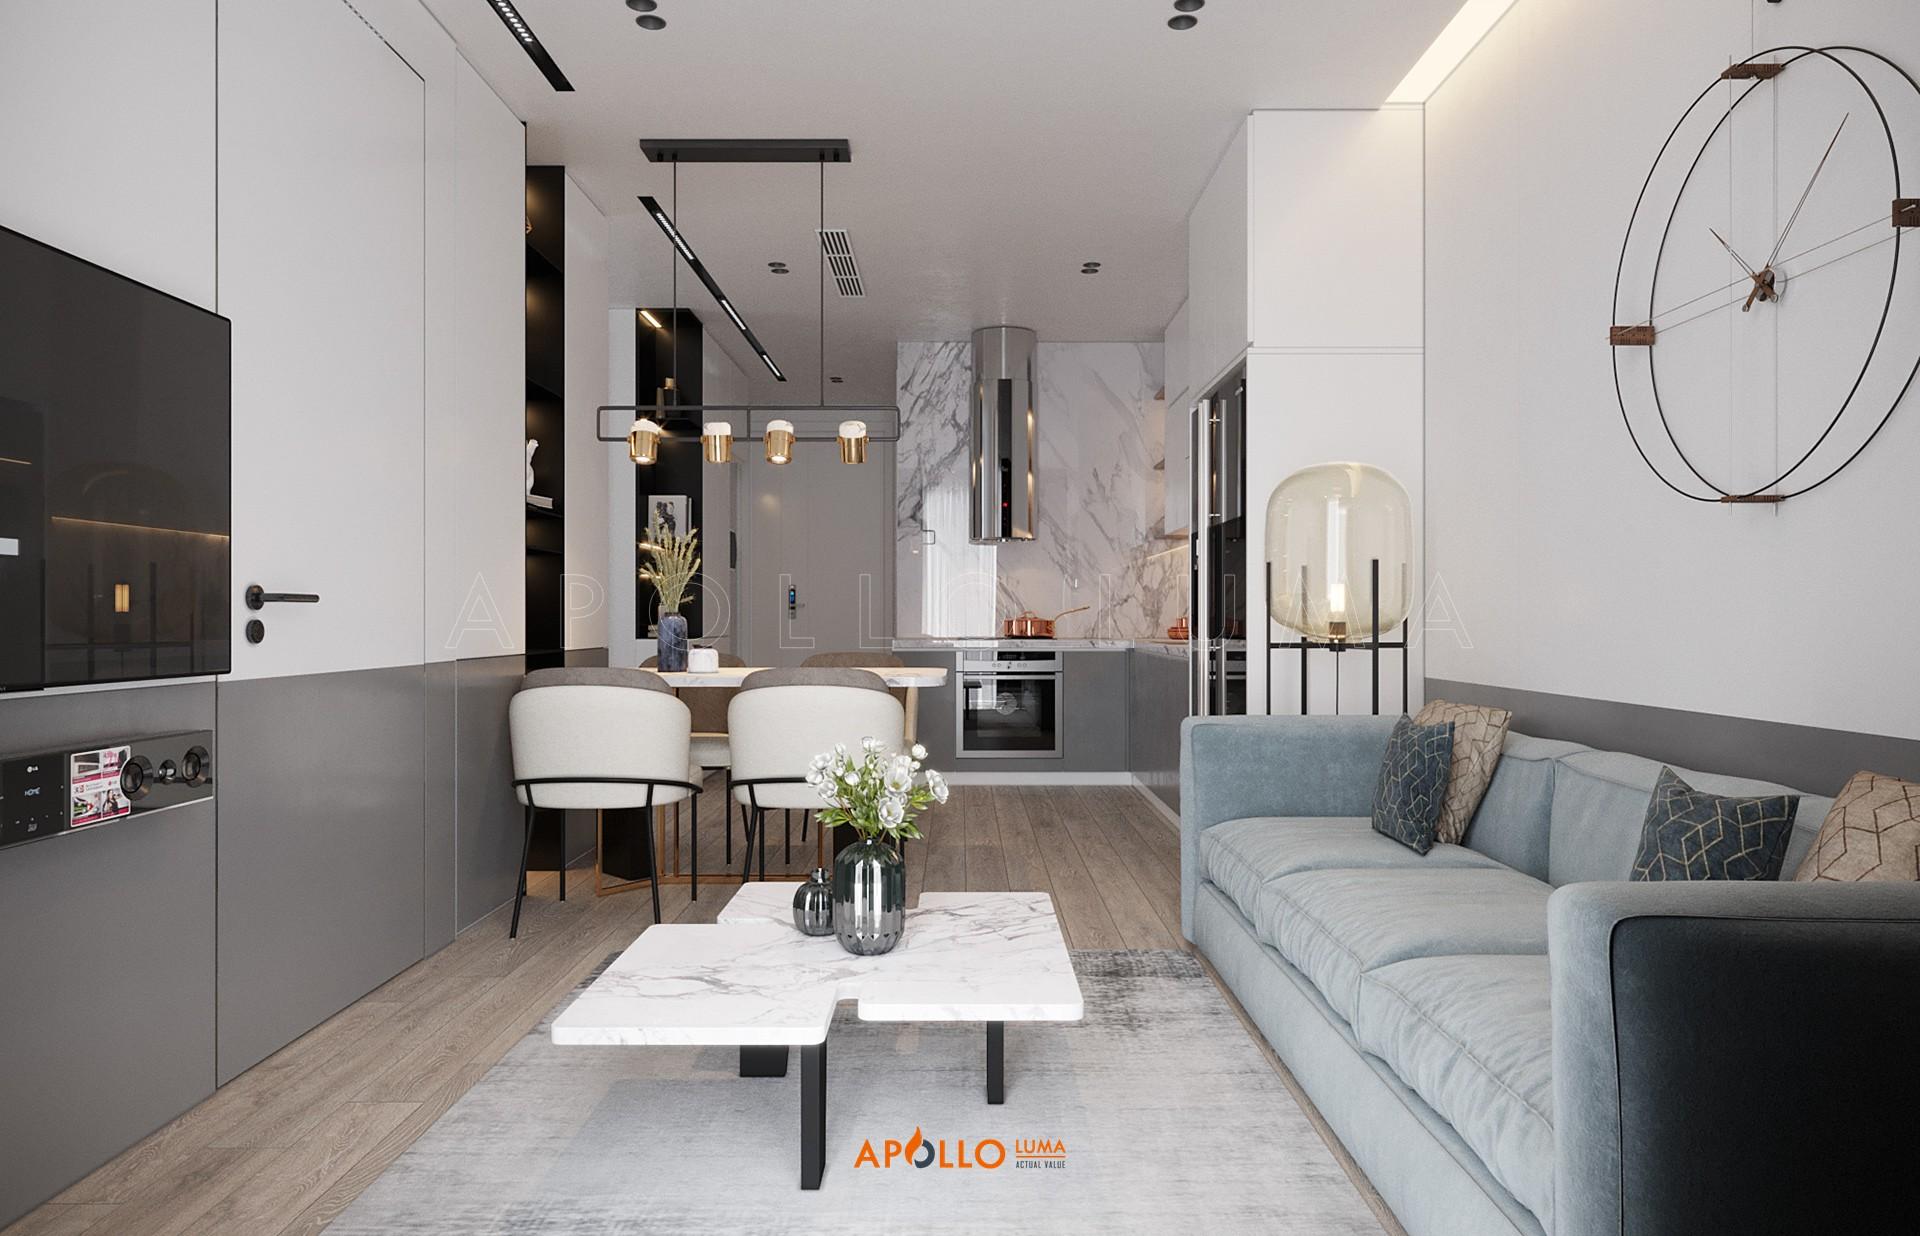 Thiết kế nội thất căn hộ 2PN+2WC (căn giữa) S4.02-09 Vinhomes Smart City Tây Mỗ